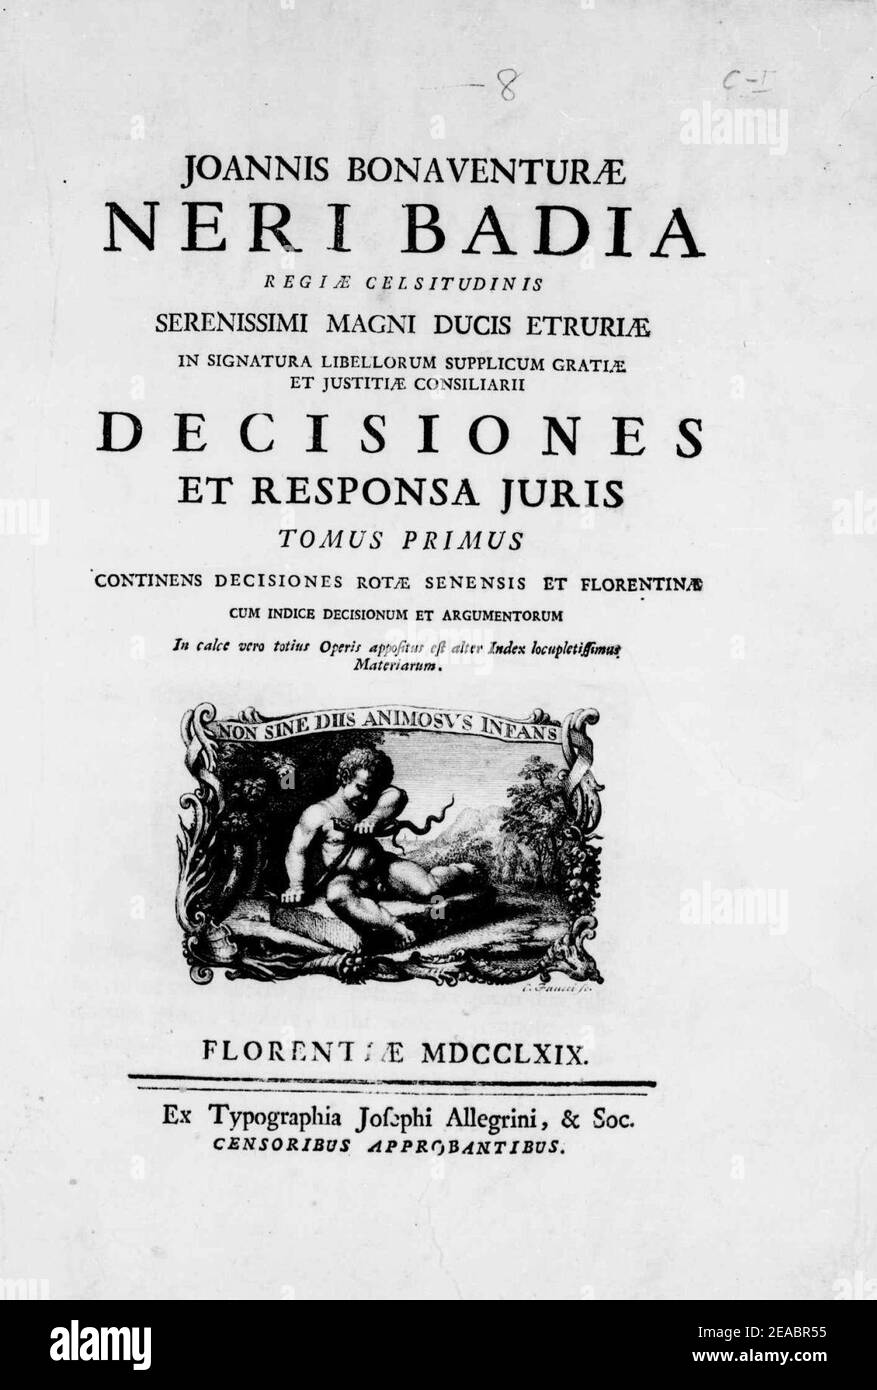 Neri Badia, Giovanni Bonaventura – Decisiones et responsa iuris, 1769 – BEIC 14373278. Stock Photo